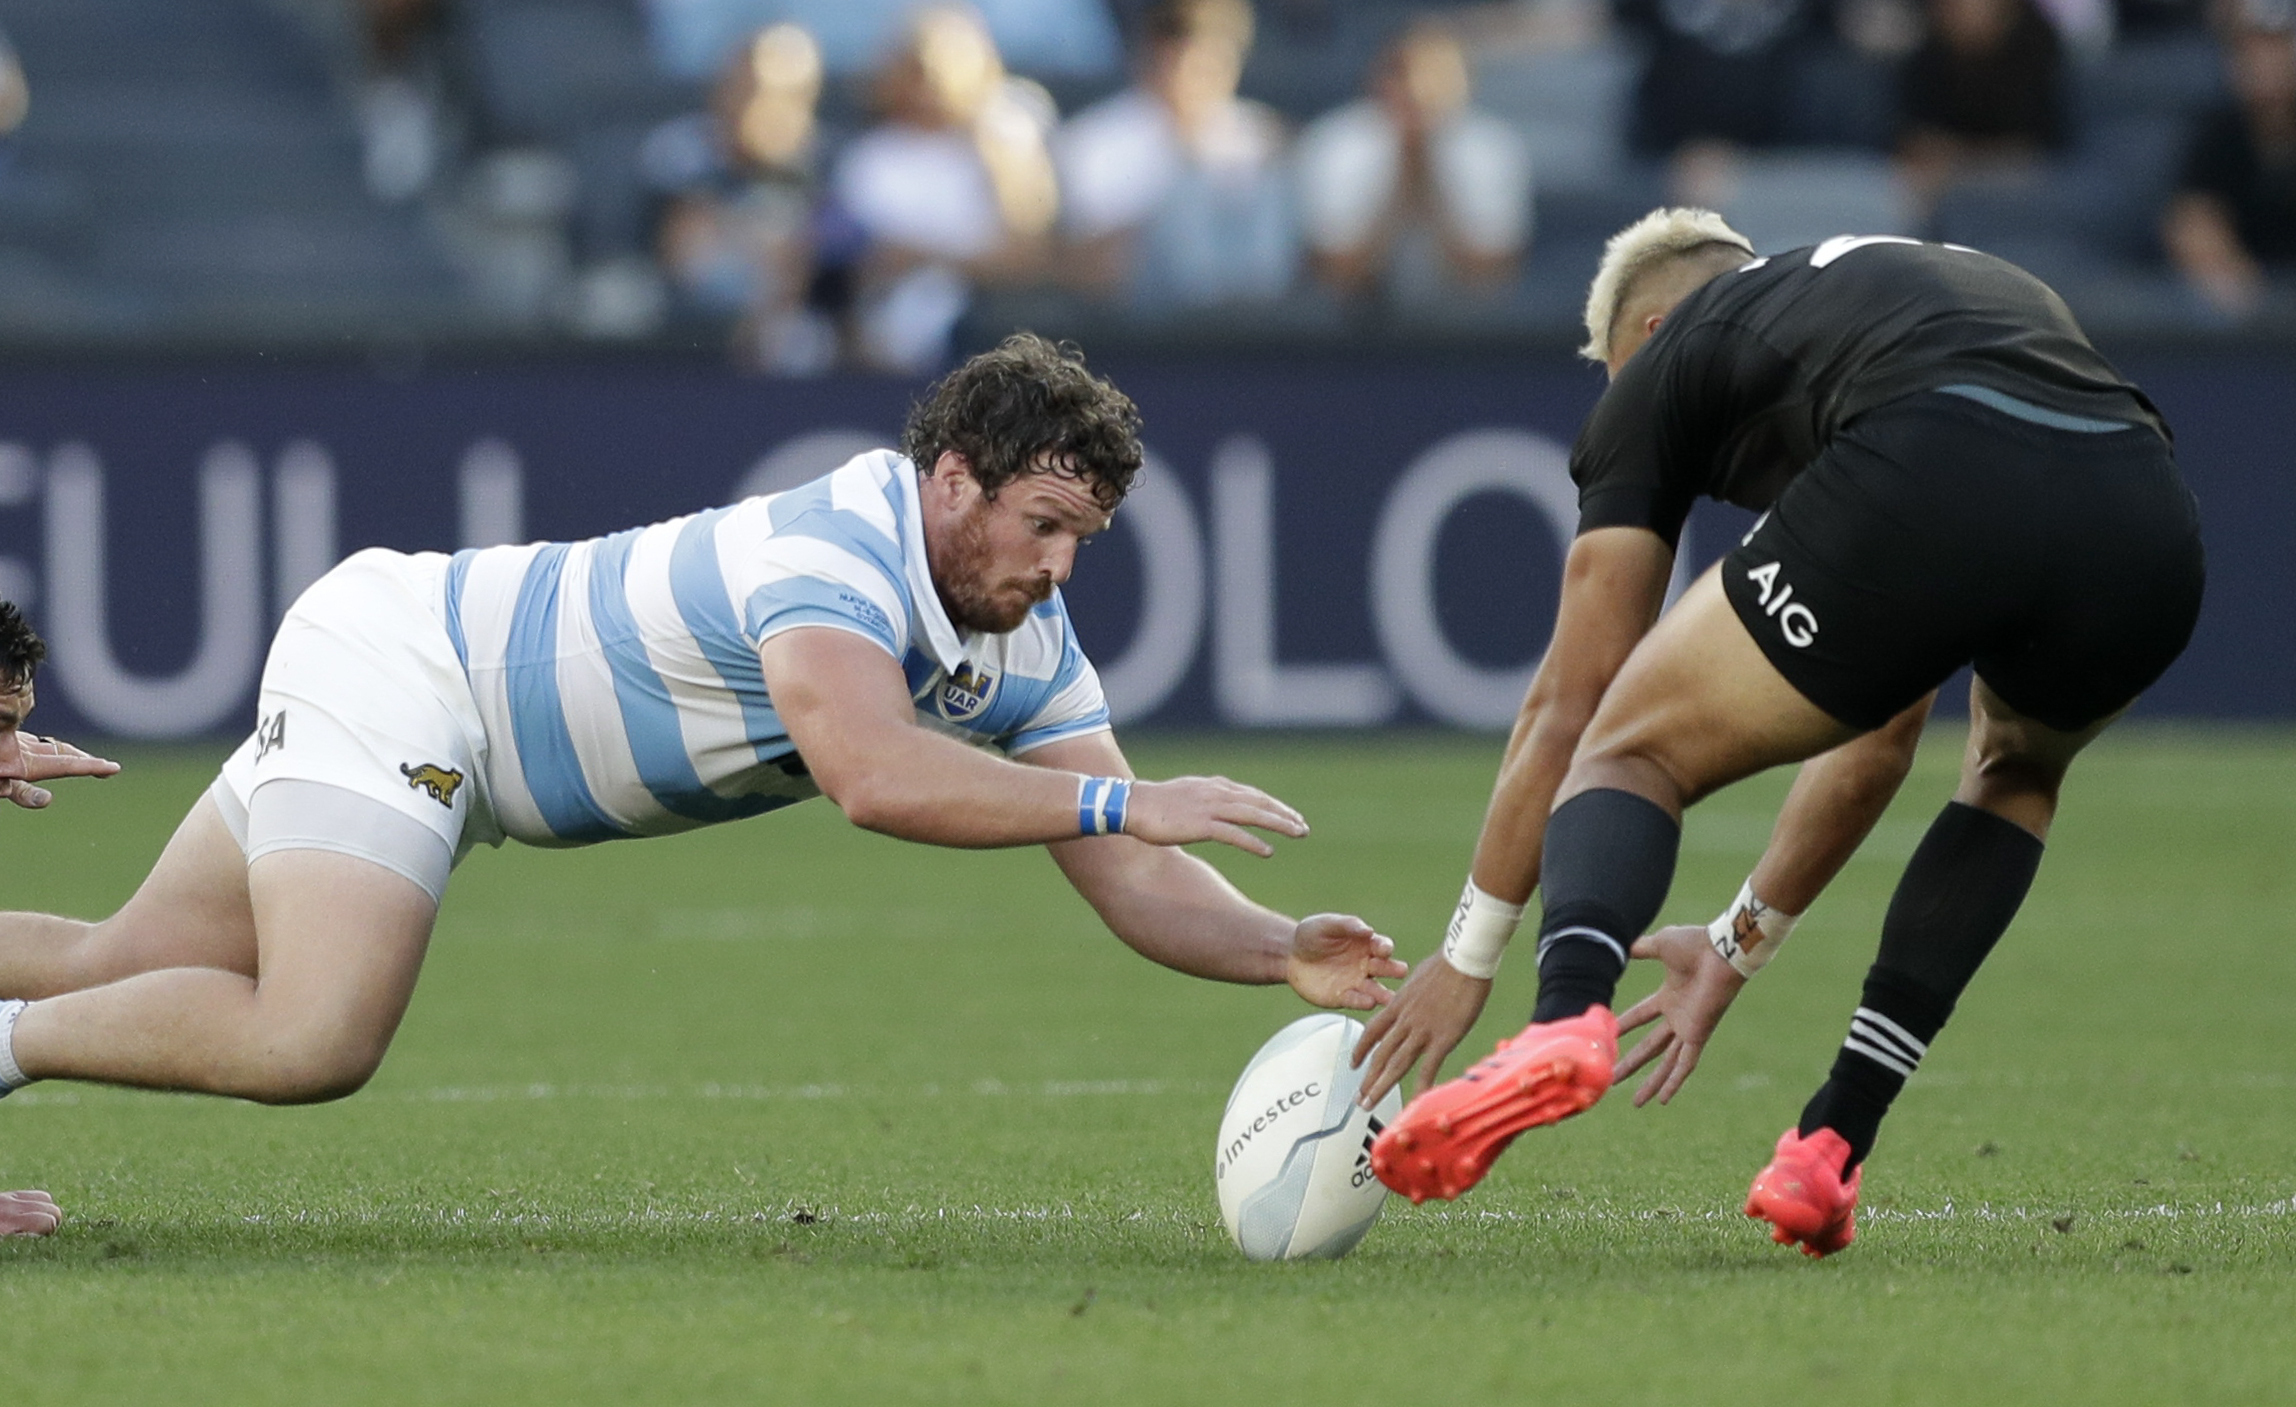 Con intensidad y orden, el conjunto argentino dominó prácticamente todo el desarrollo del juego (AP Photo/Rick Rycroft)